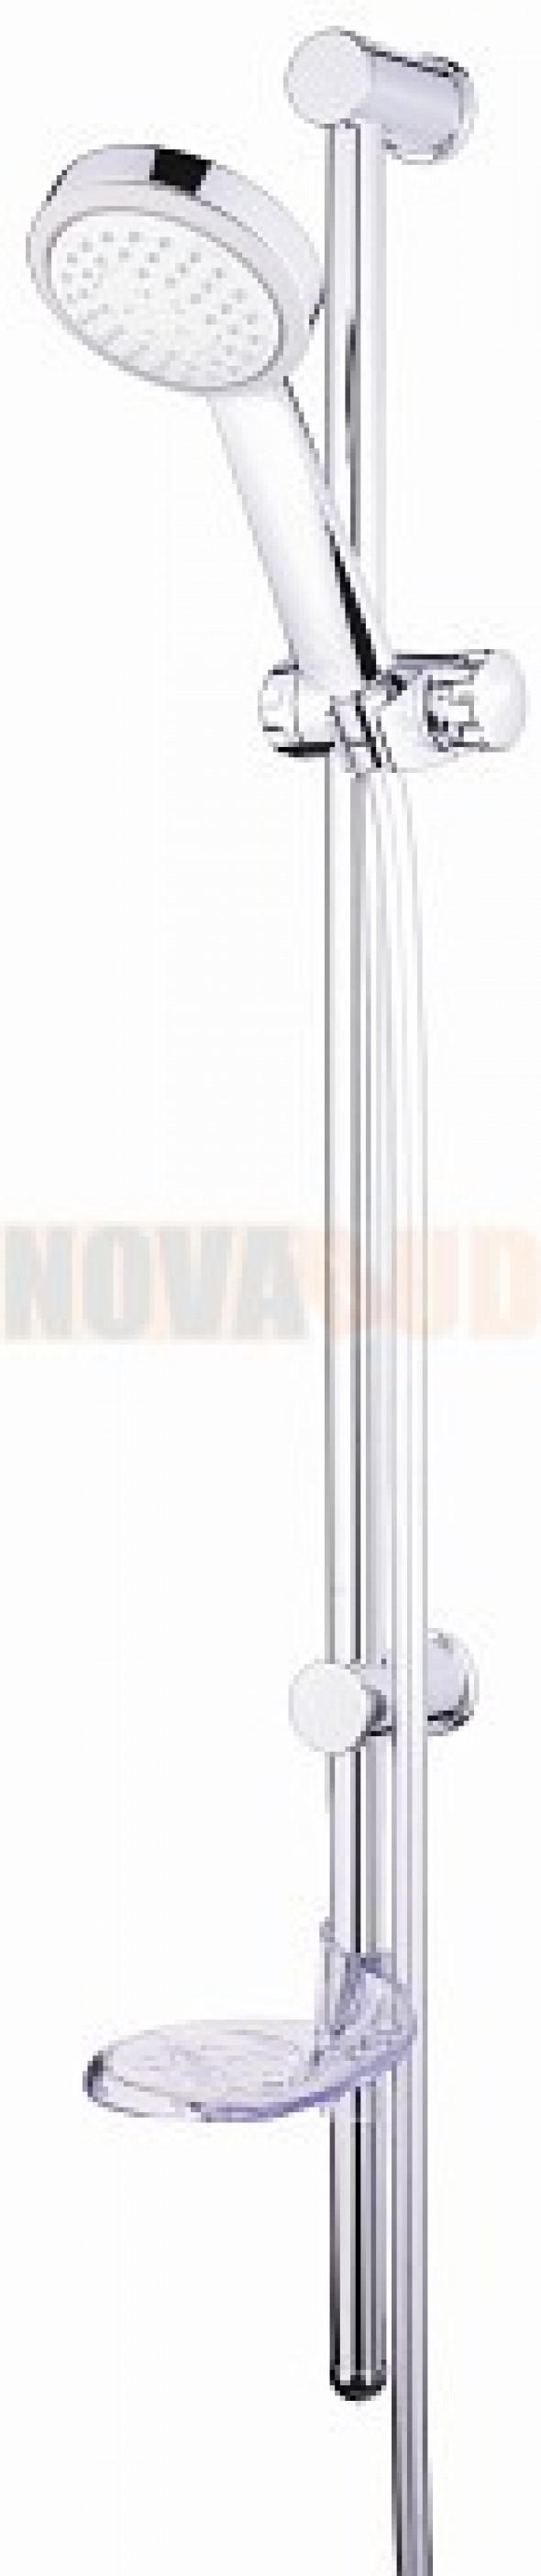 ALTERNA GLADIUS Natrysk przesuwny czterofunkcyjny ALTN950752